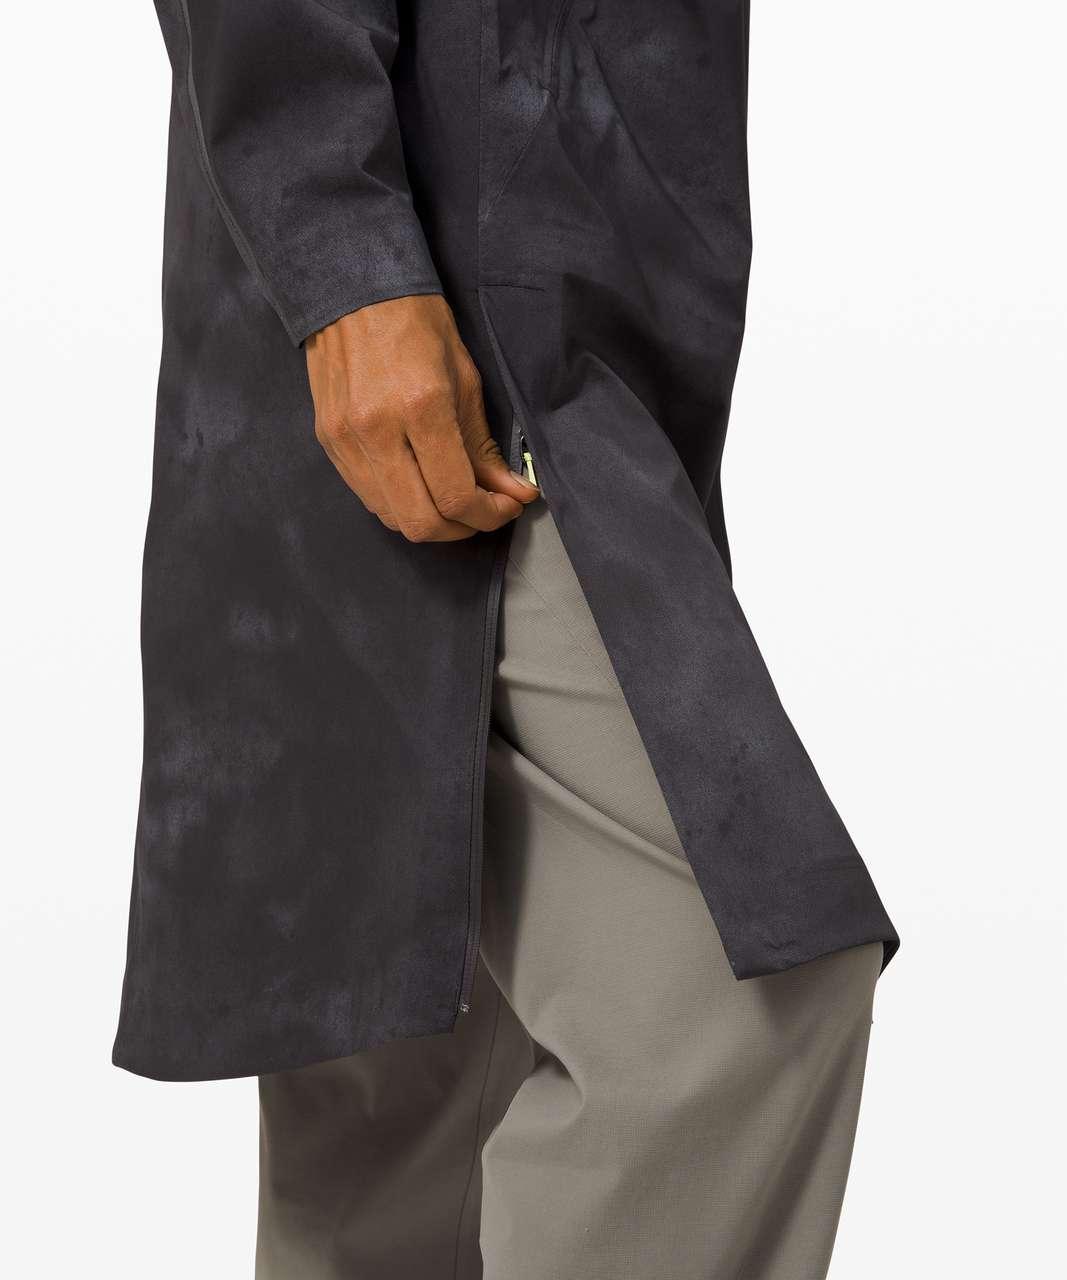 Lululemon Toja Shell Coat *lululemon lab - Celestial Speck Black Granite Multi